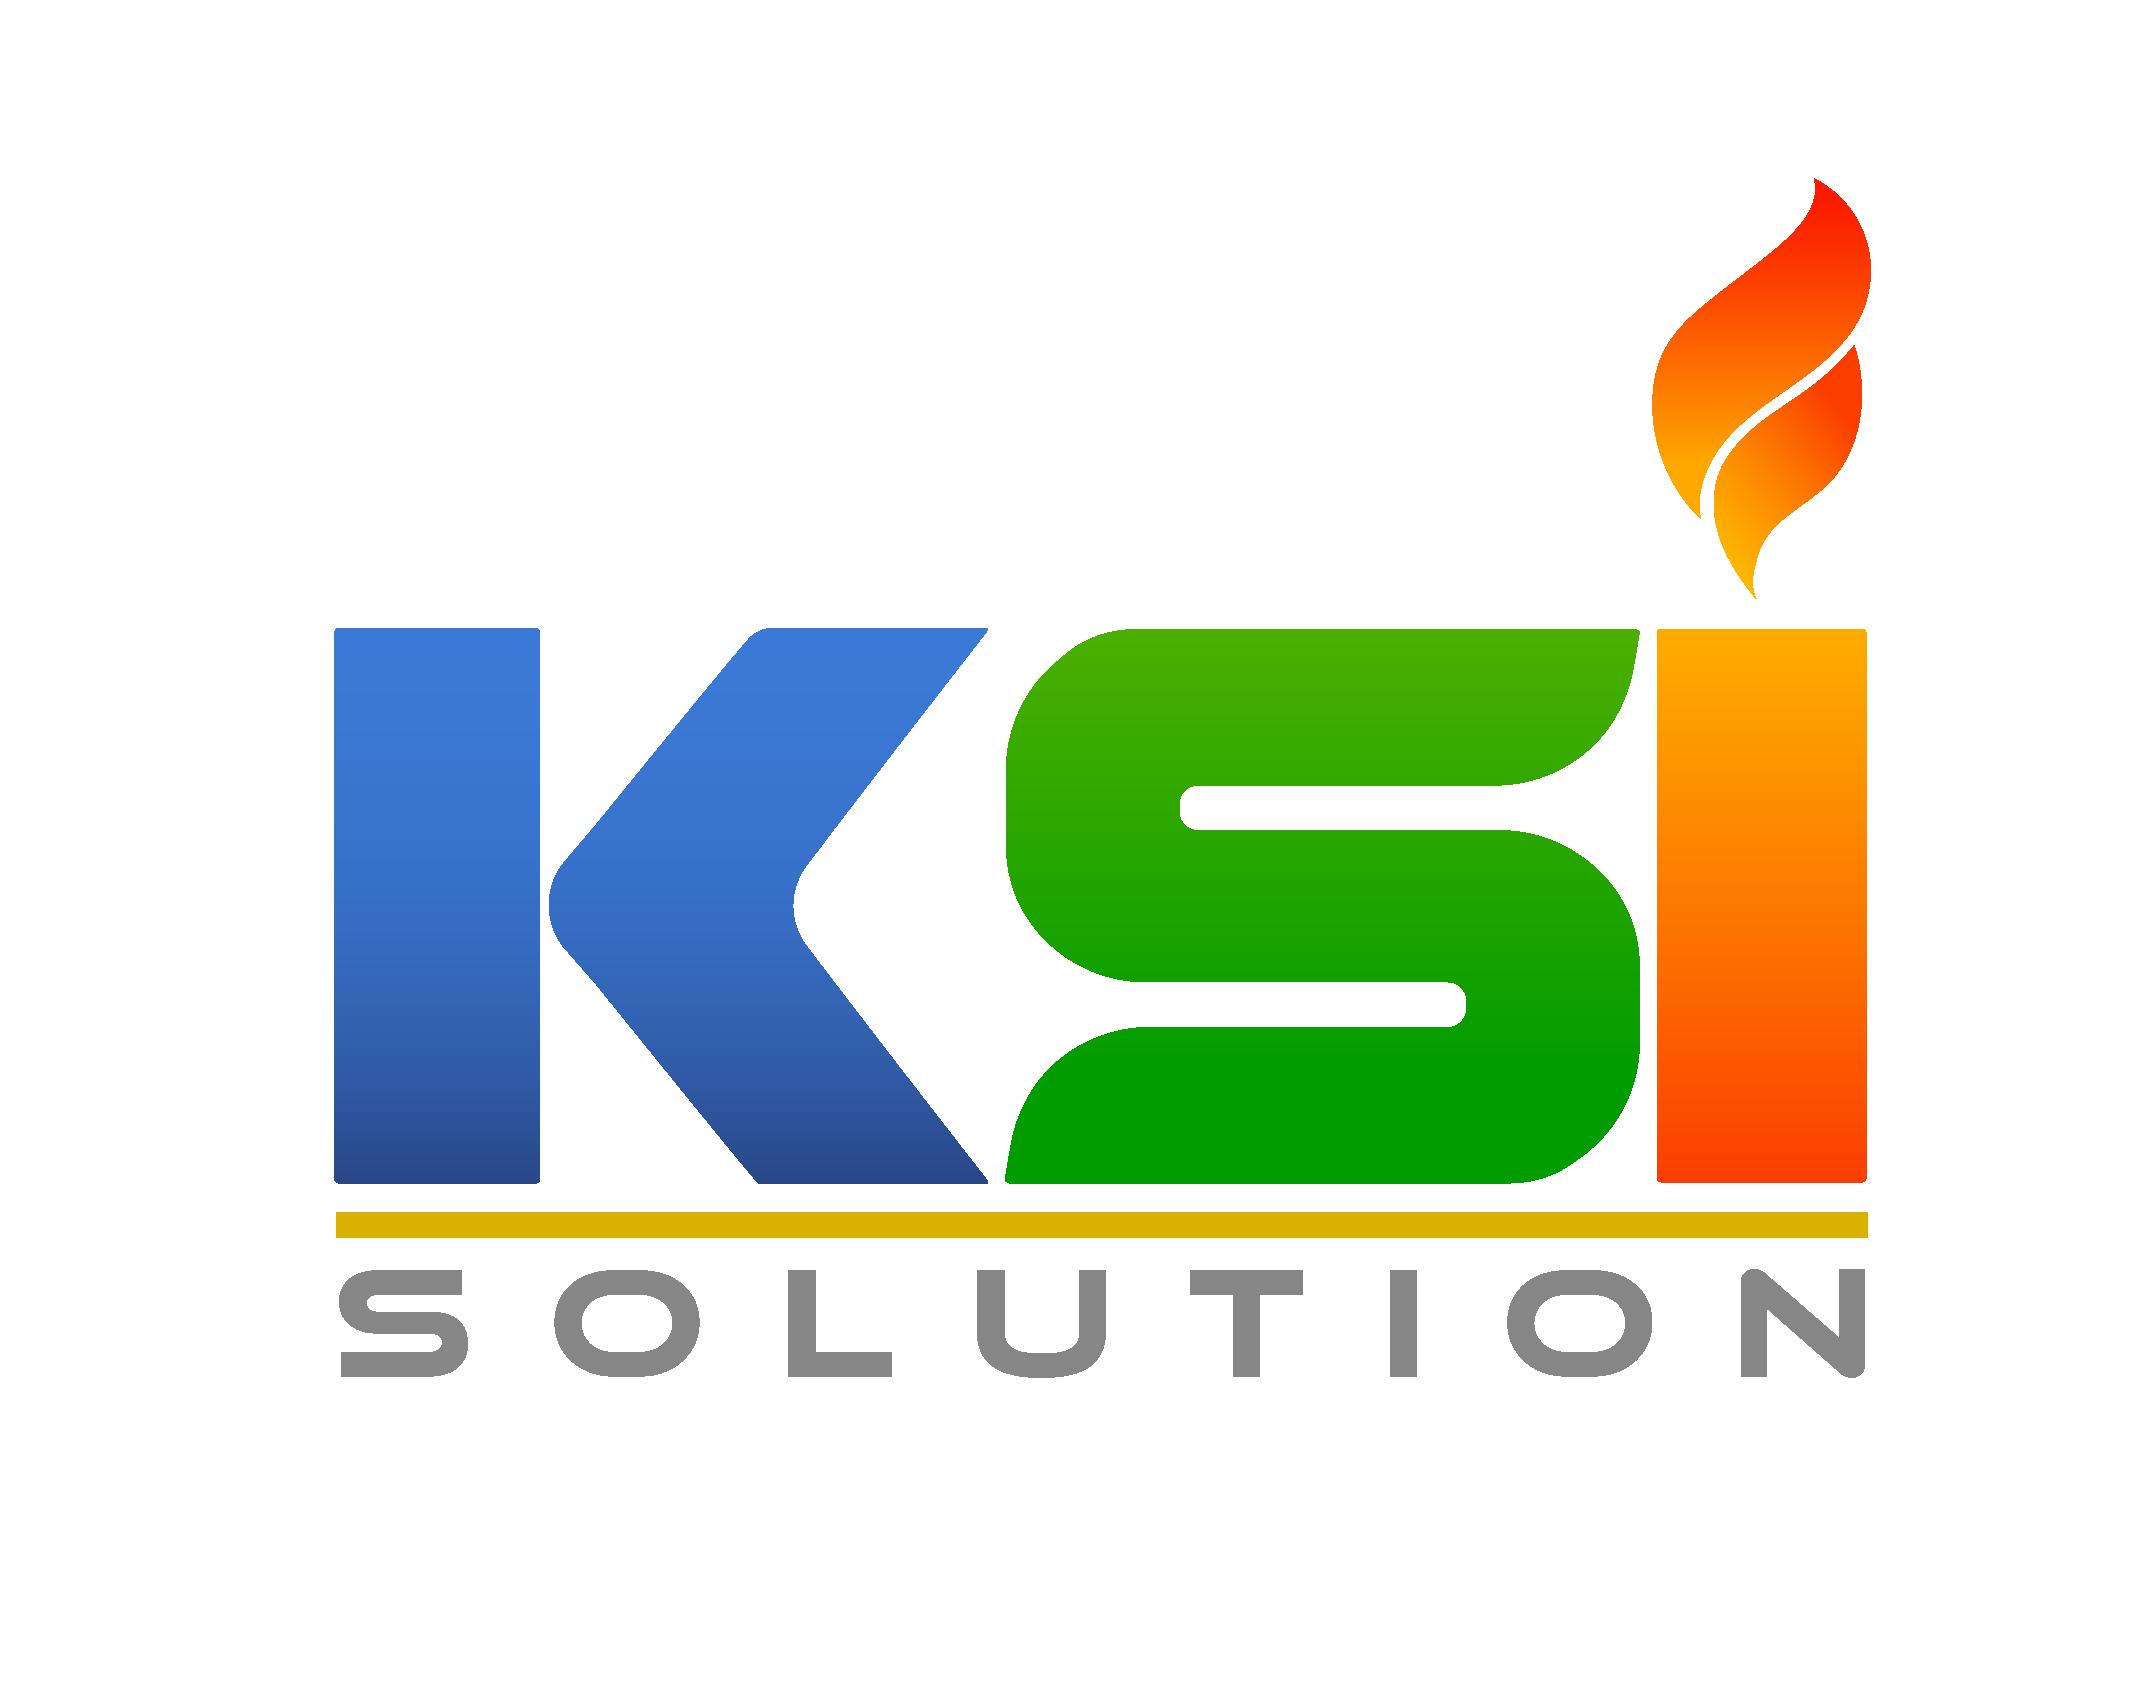 KSI Solution